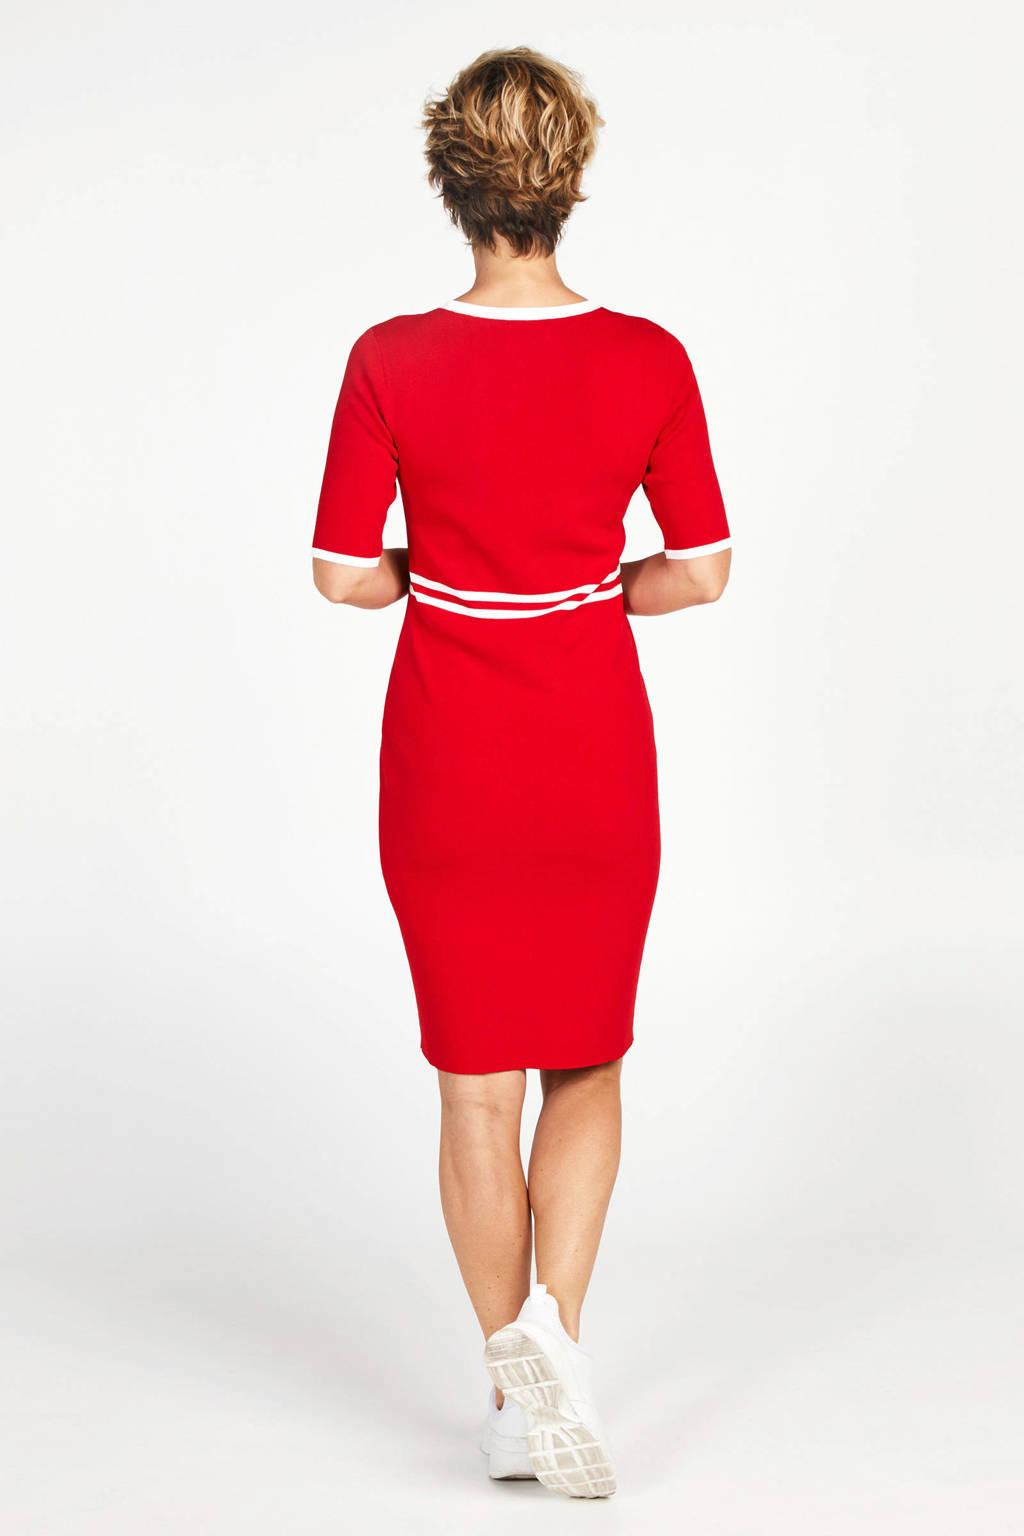 PROMISS jurk rood/wit, Rood/wit